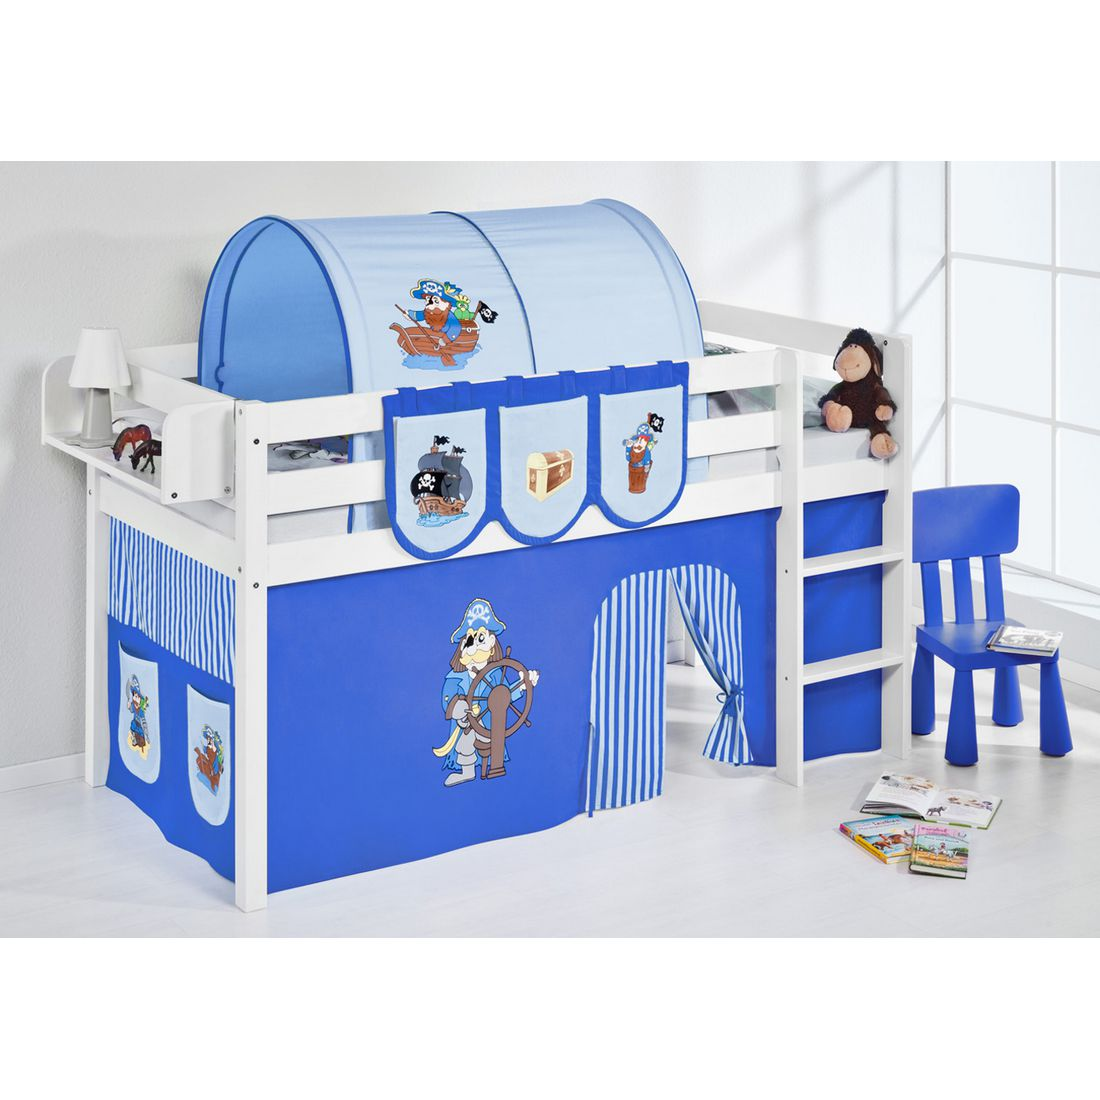 ticaa hochbett erfahrung fabulous hochbetten with ticaa hochbett erfahrung elegant kids town. Black Bedroom Furniture Sets. Home Design Ideas